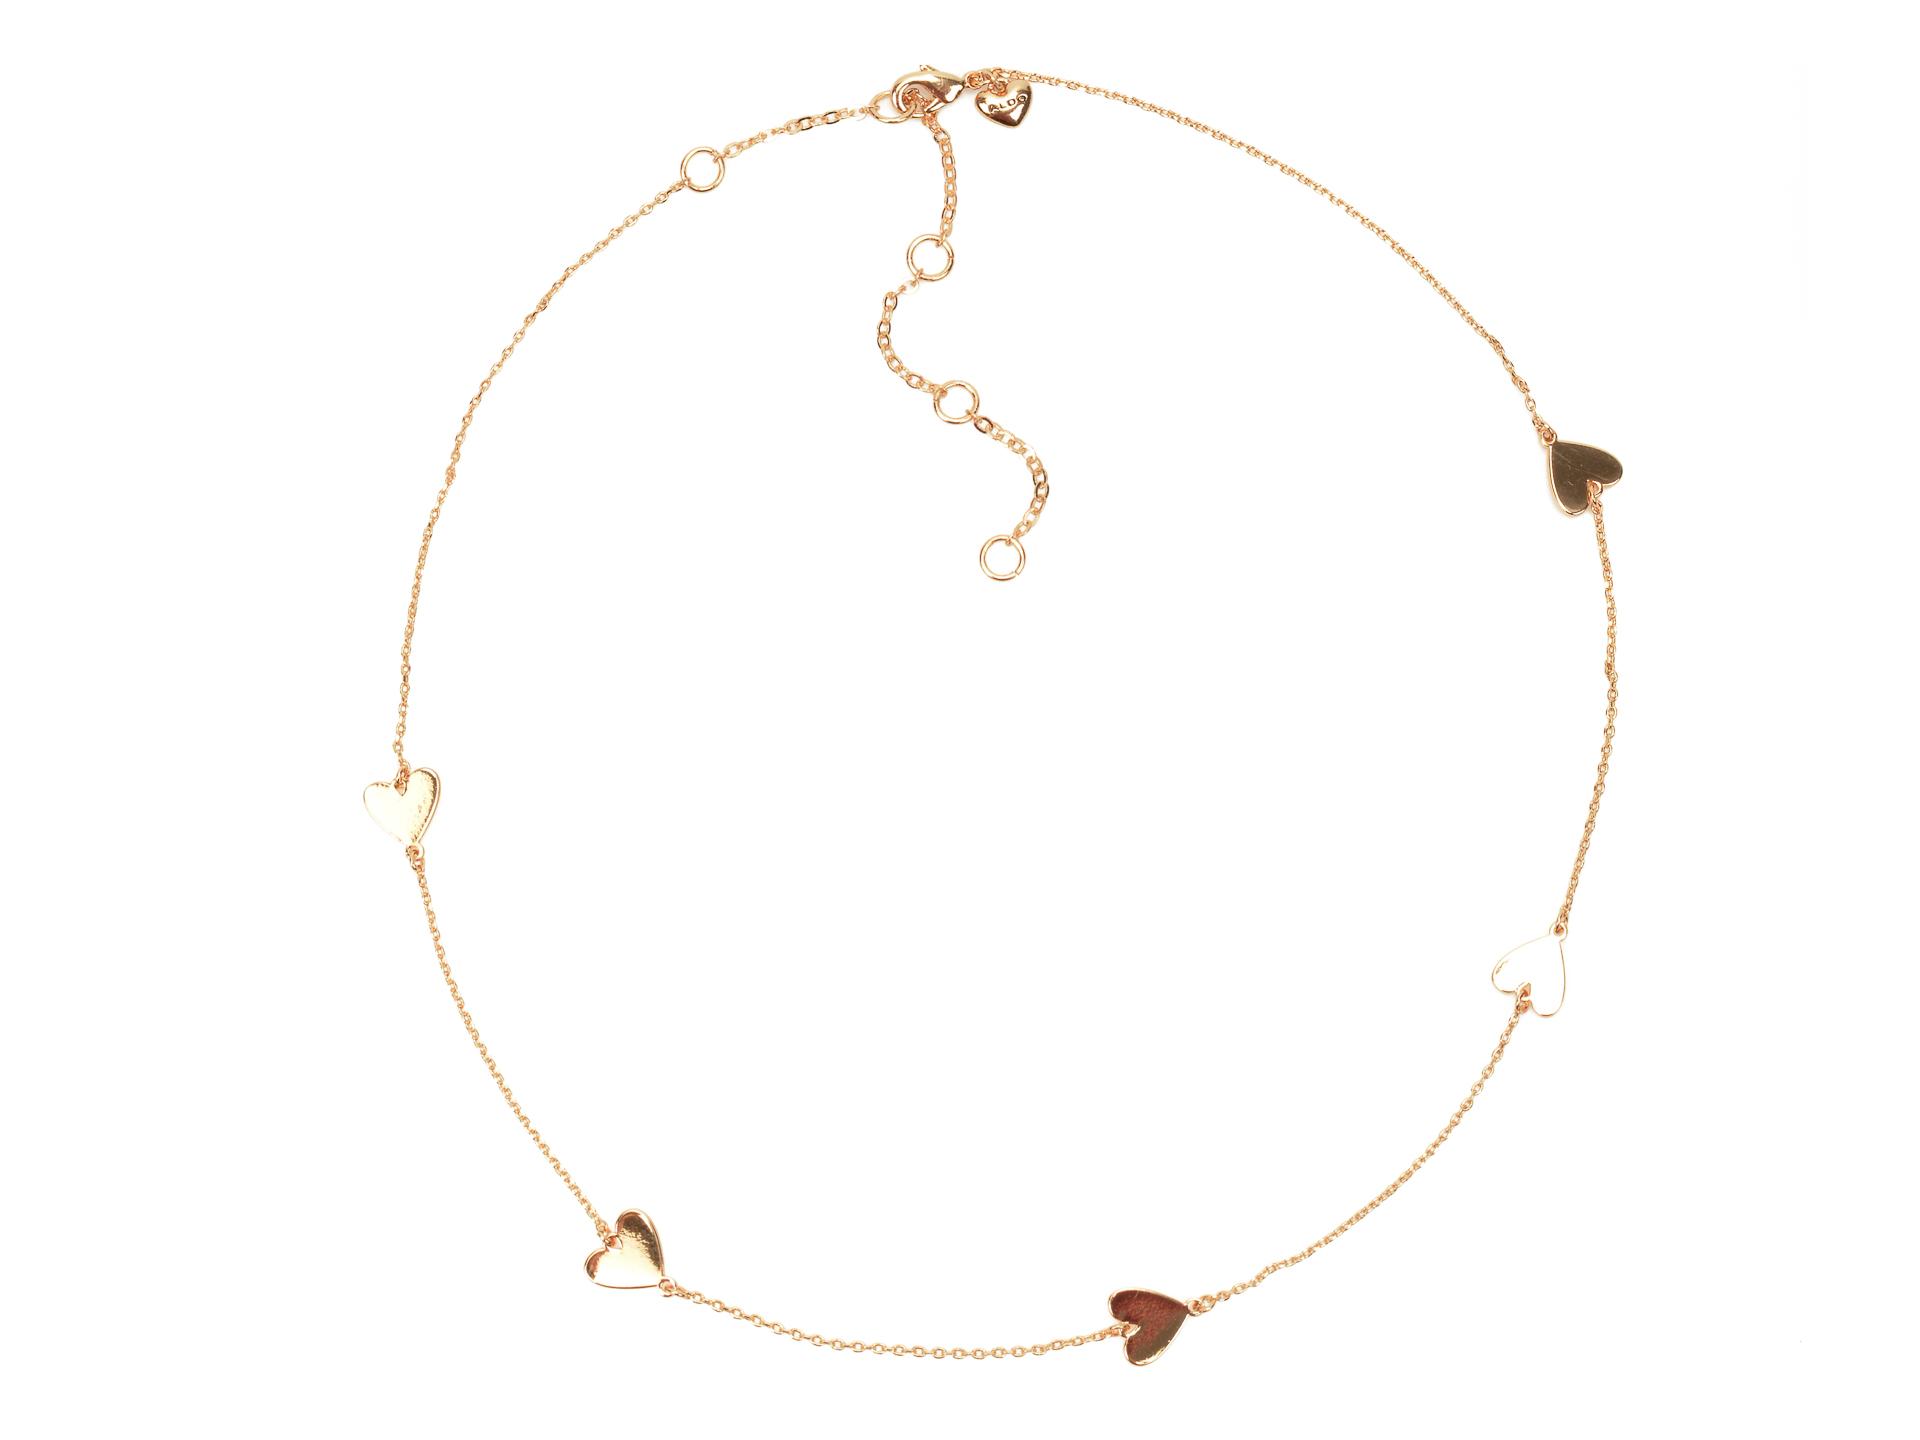 Colier ALDO auriu, Tenebrosa710, din metal imagine otter.ro